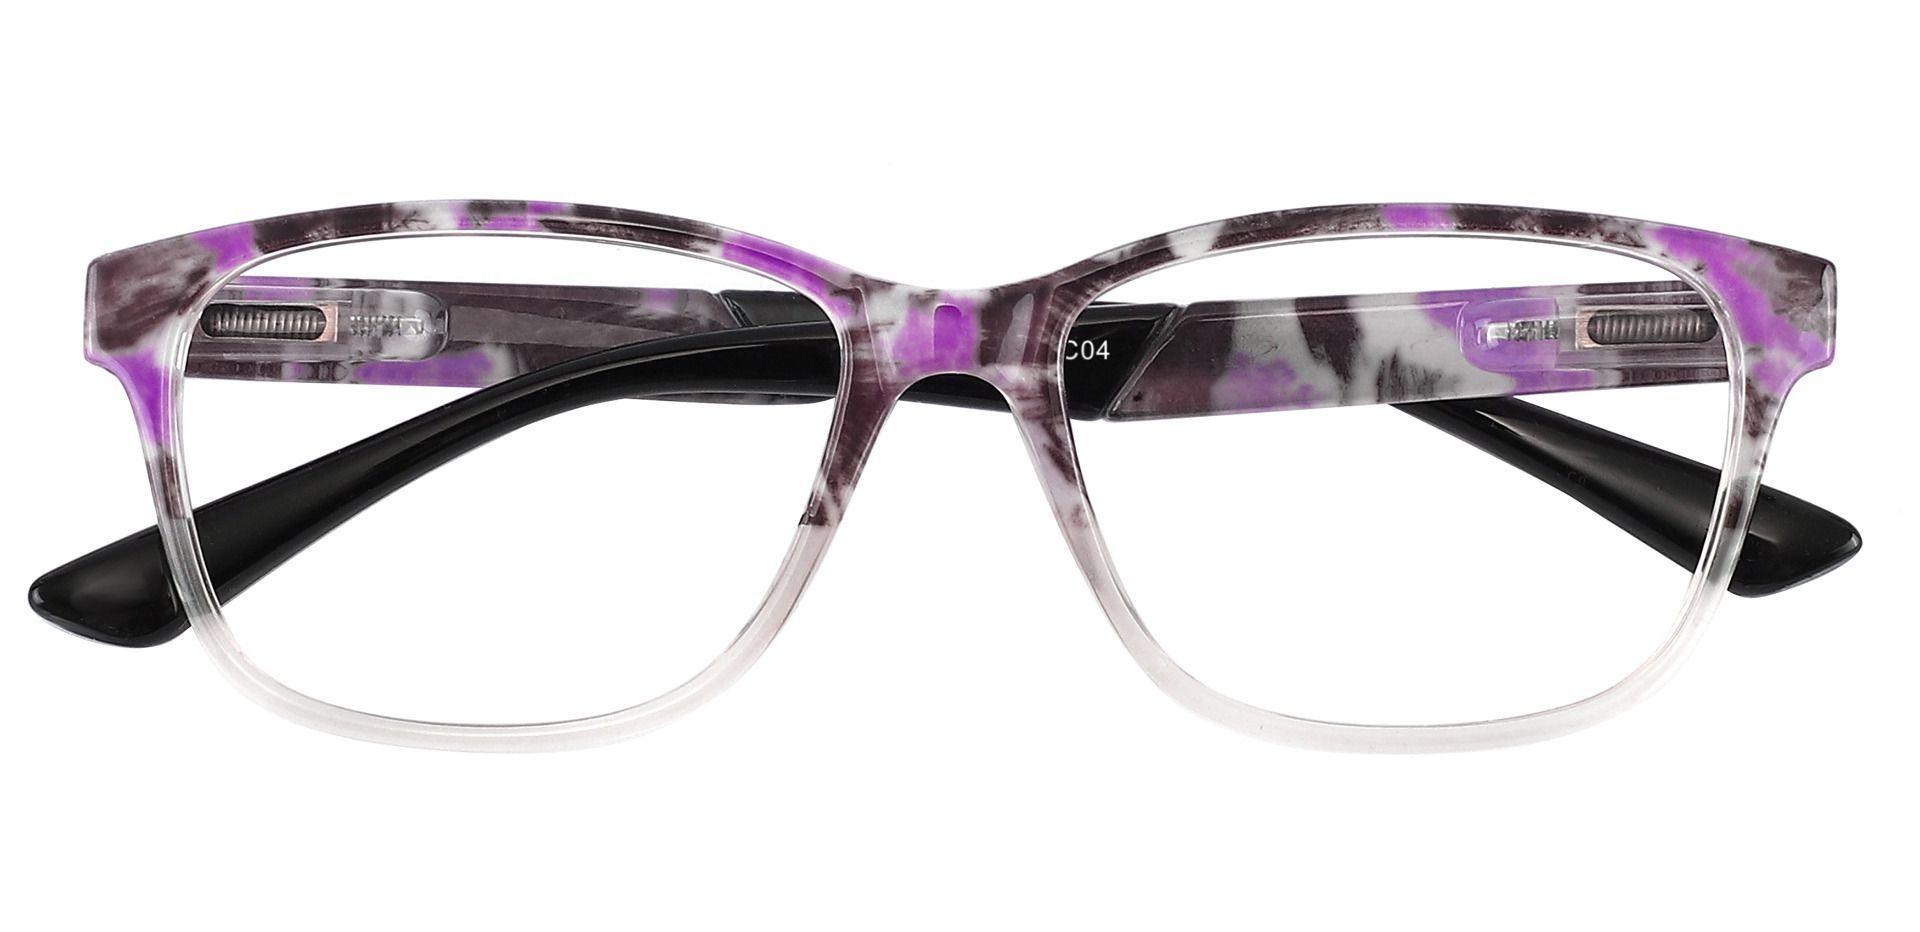 Catalina Rectangle Non-Rx Glasses - Purple